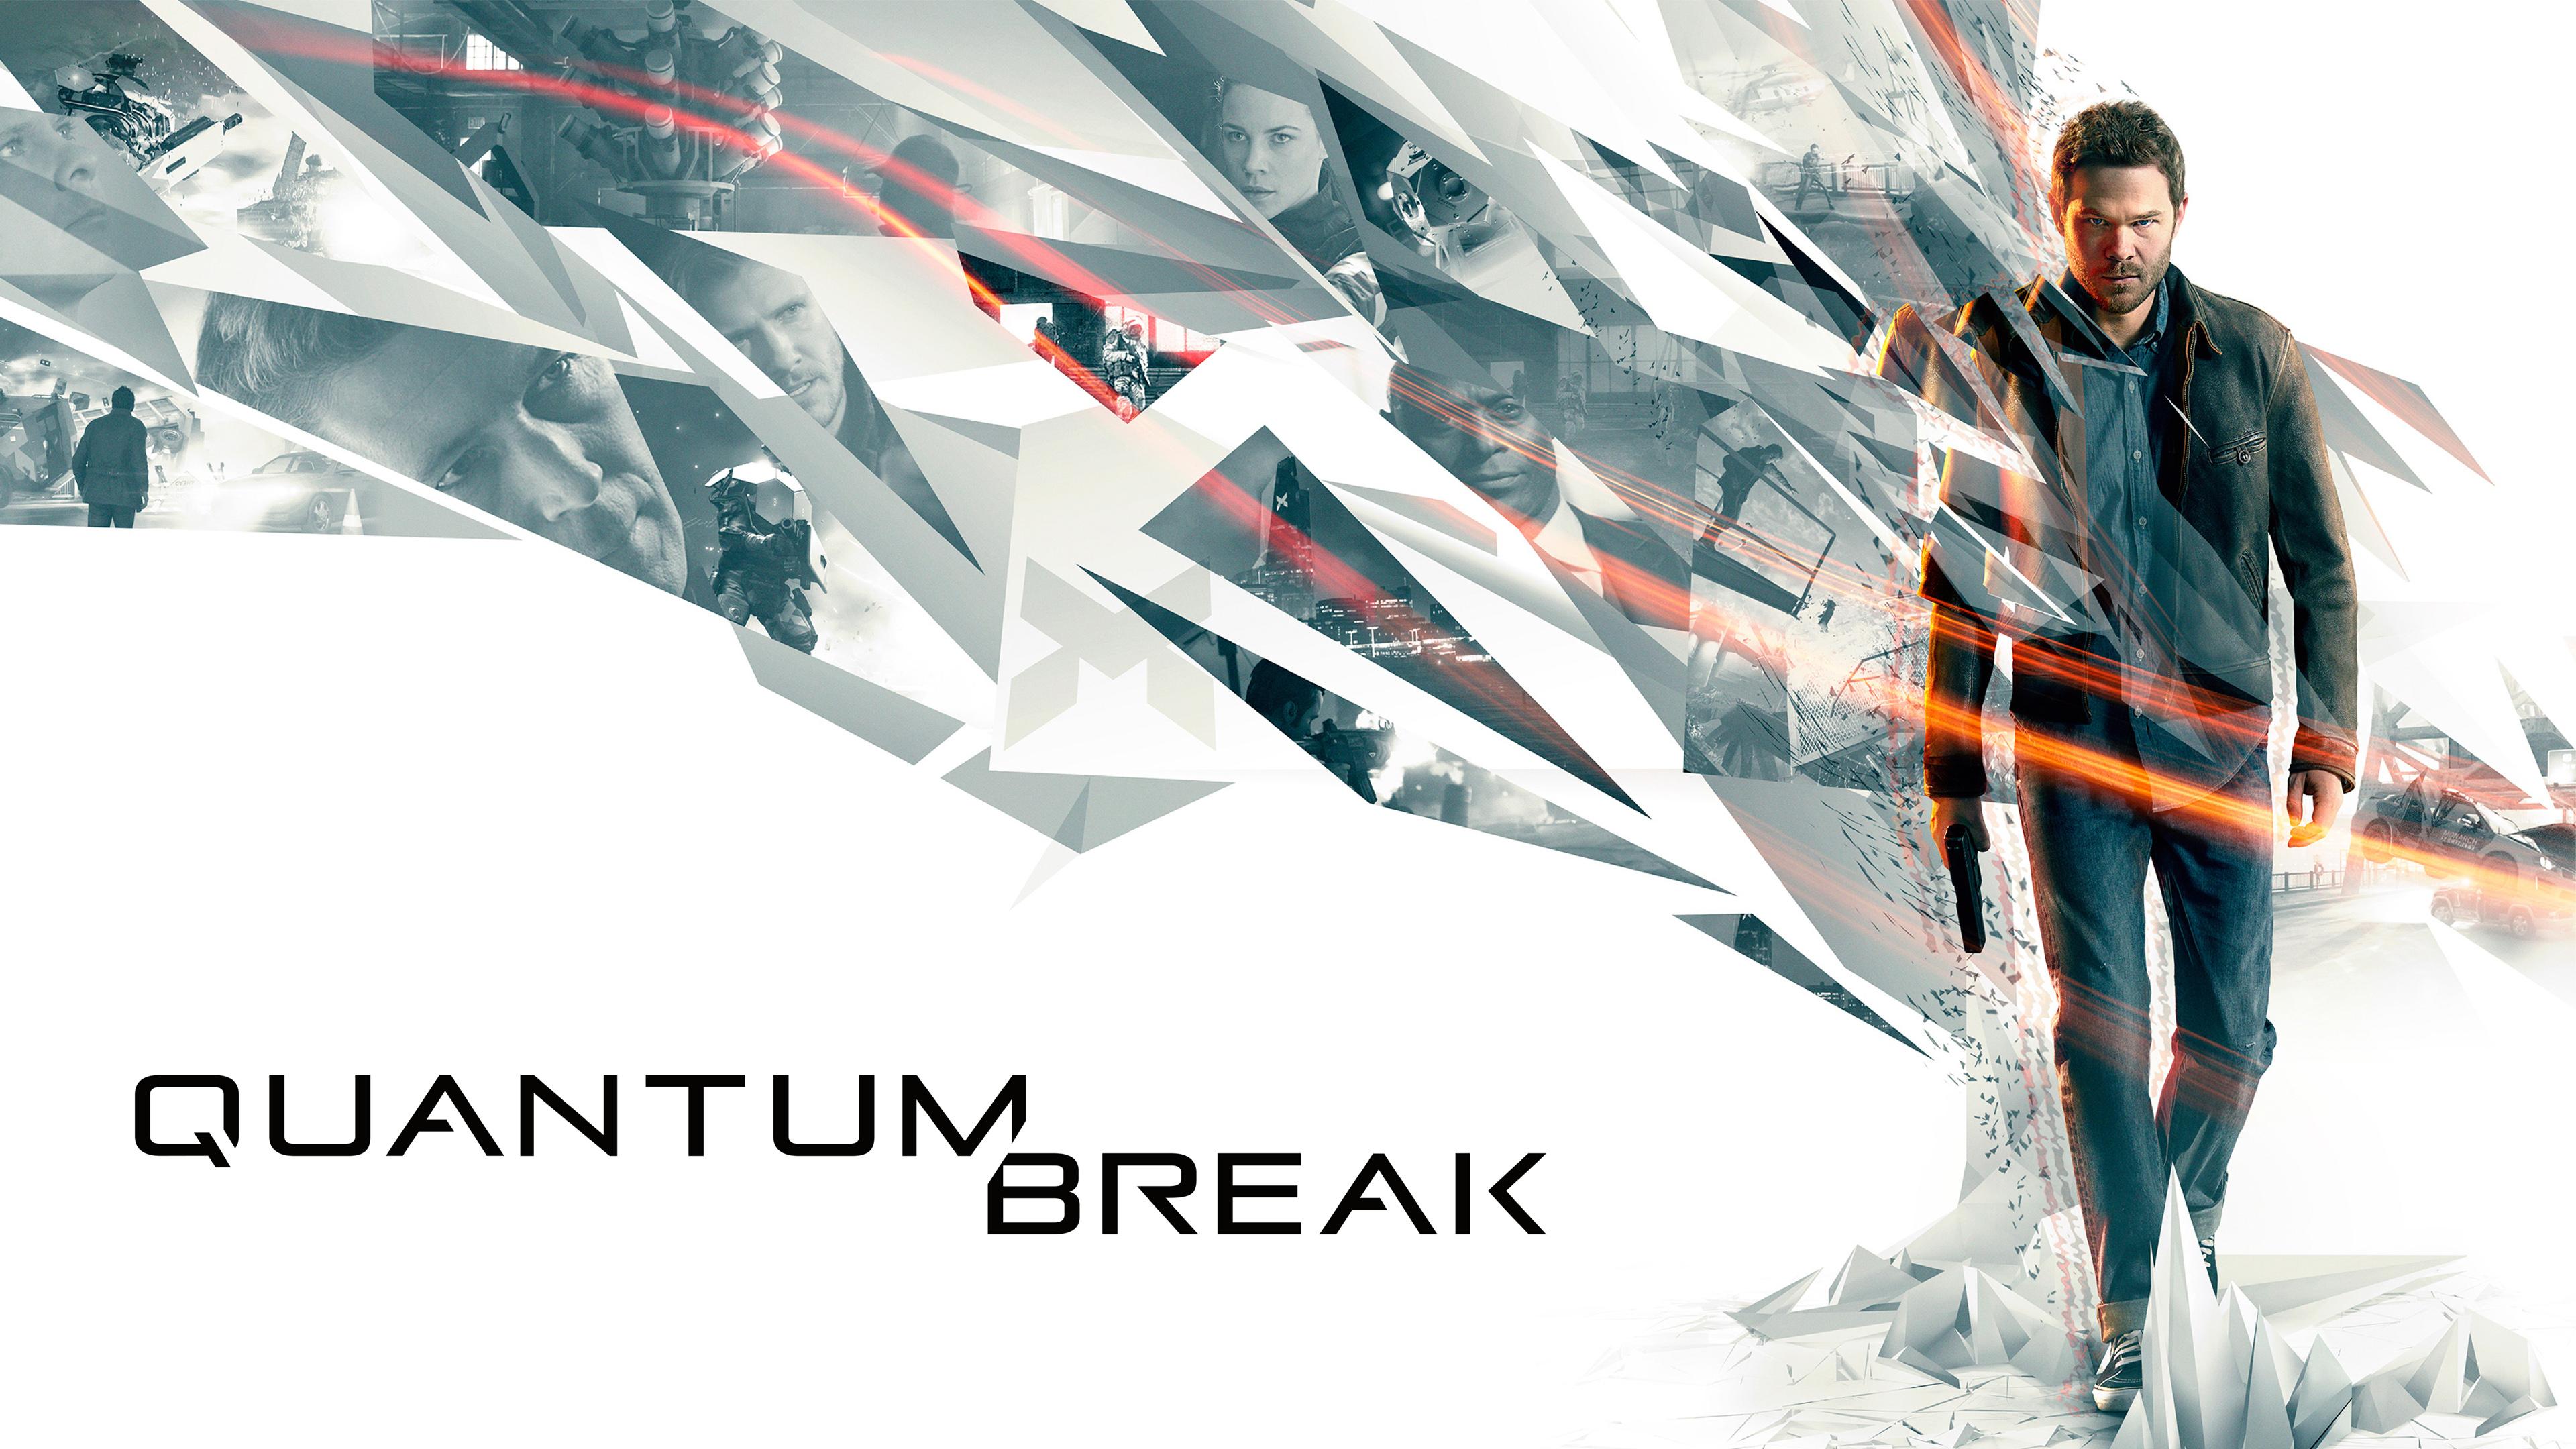 Quantum Break 2016 Game Wallpapers HD Wallpapers 3840x2160